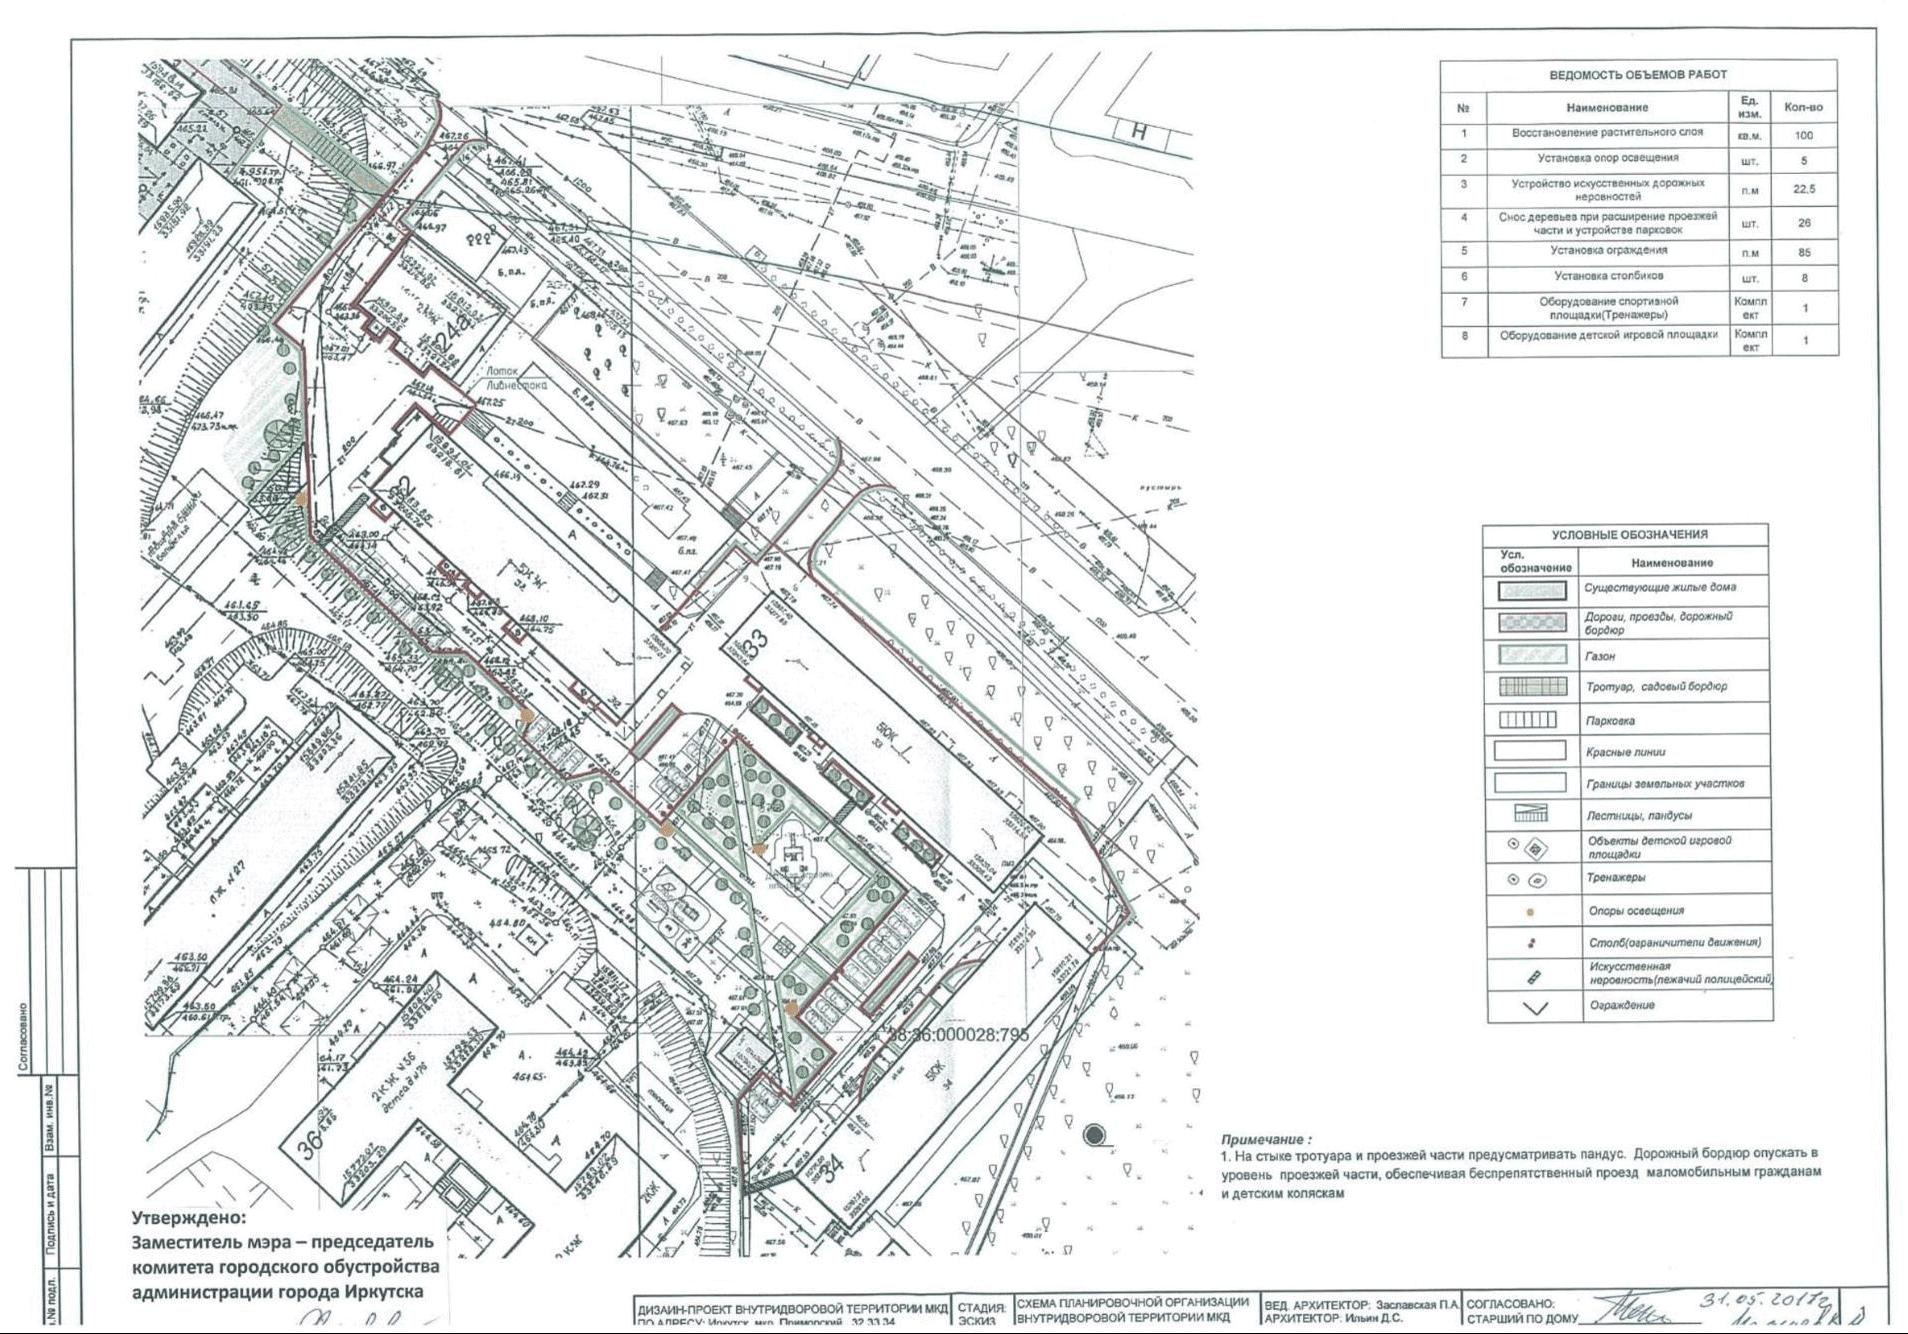 Дизайн-проект двора, подготовленный администрацией